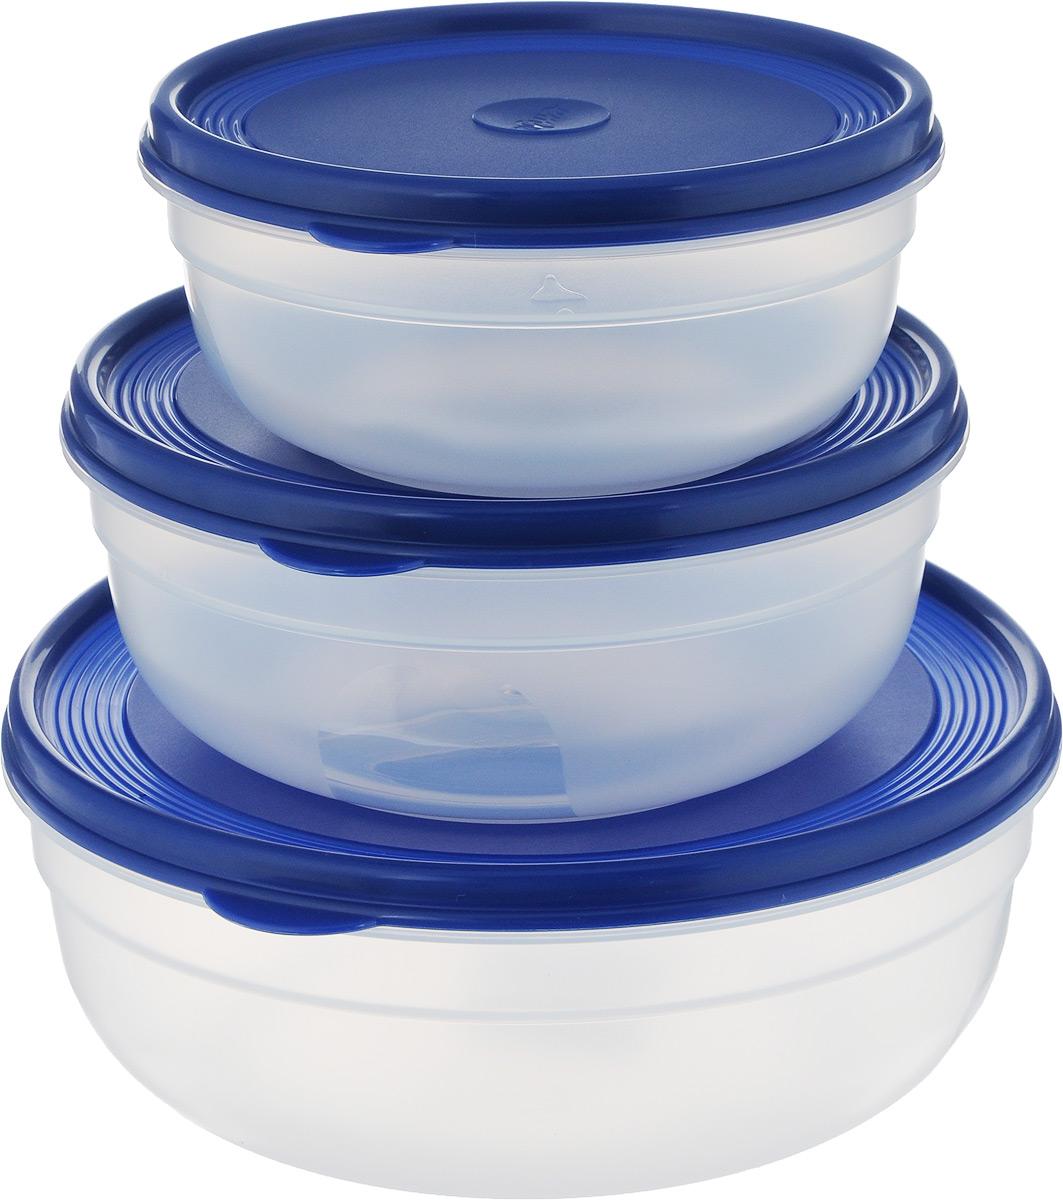 Набор контейнеров Emsa Superline, 3 шт. 517097 контейнер для торта emsa superline с охлаждающим элементом цвет голубой 2 л